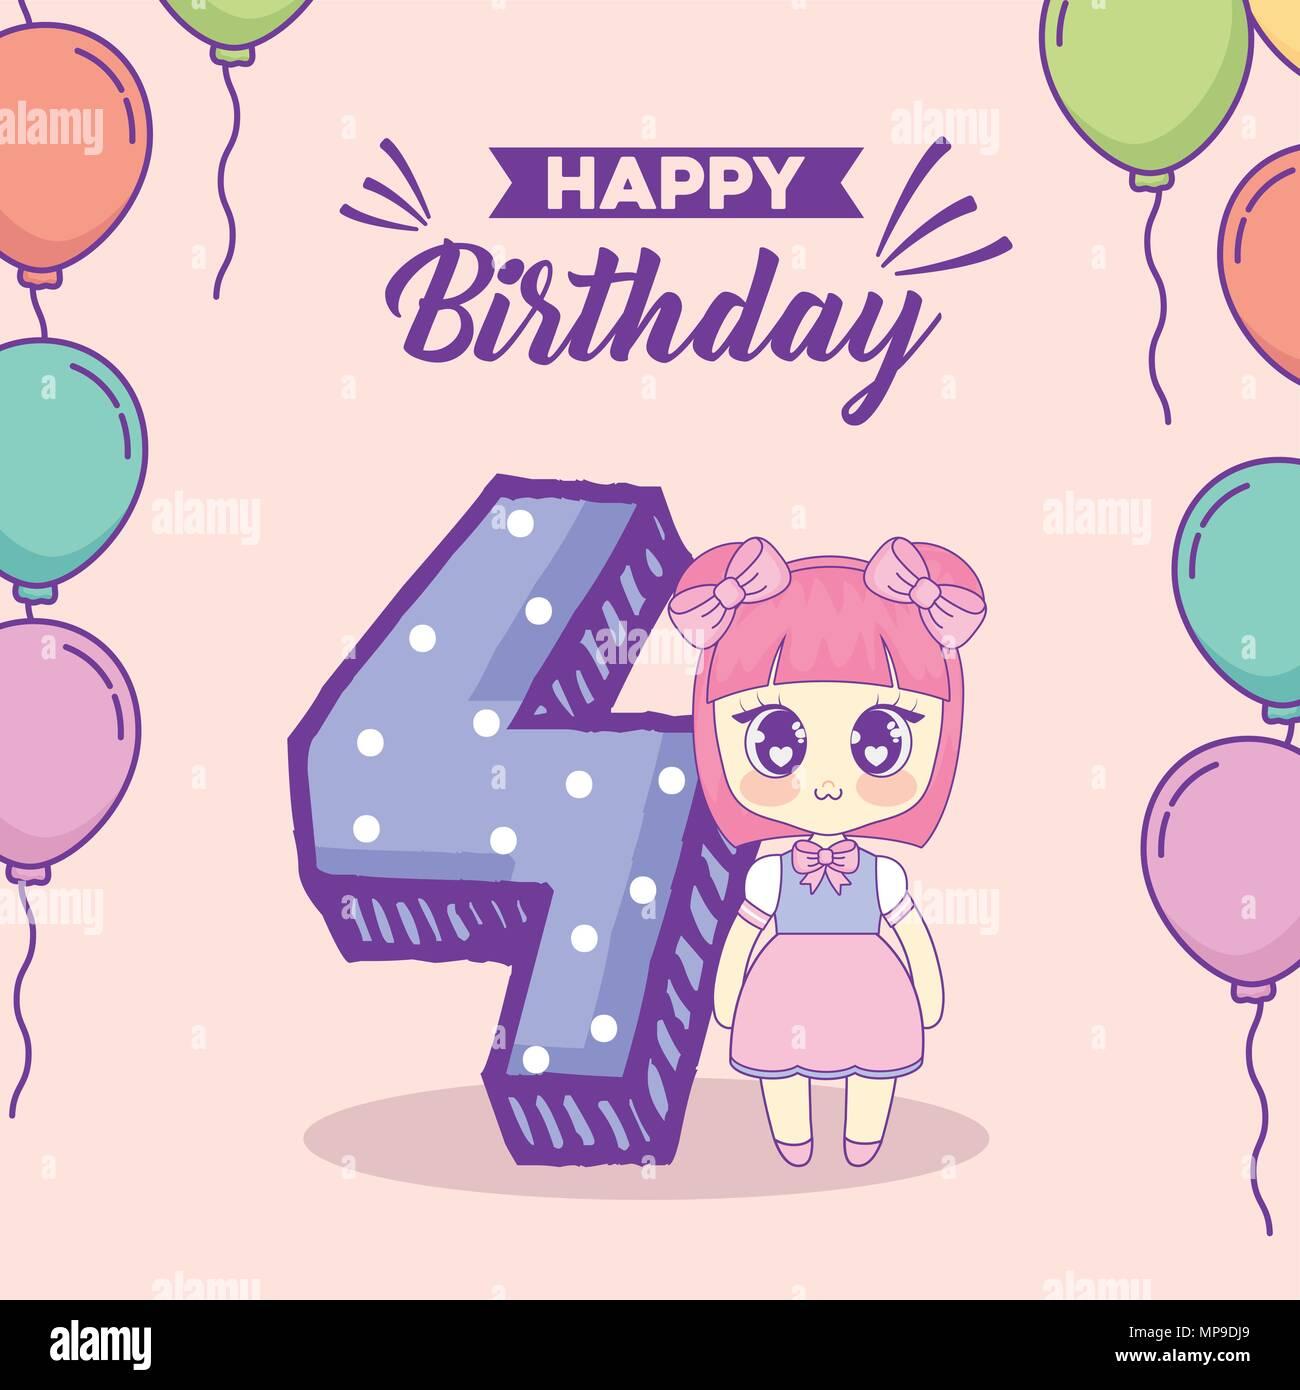 Buon Compleanno Design Con Kawaii Anime Girl E Il Numero 4 Su Sfondo